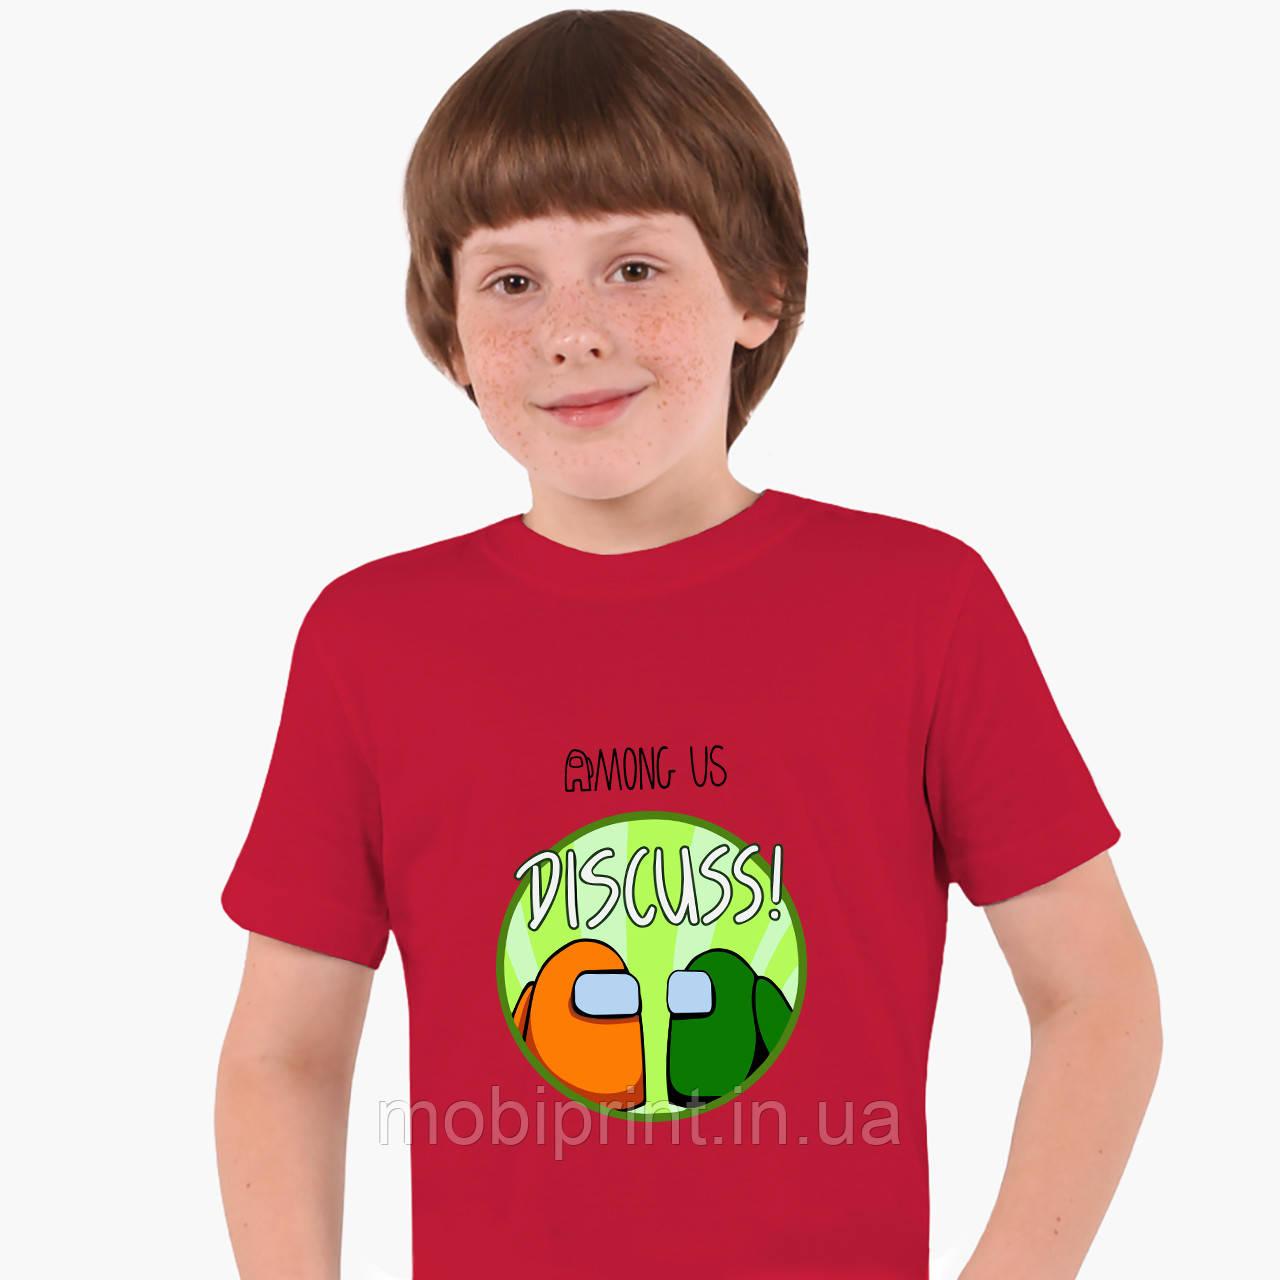 Детская футболка для мальчиков Амонг Ас (Among Us) (25186-2588) Красный